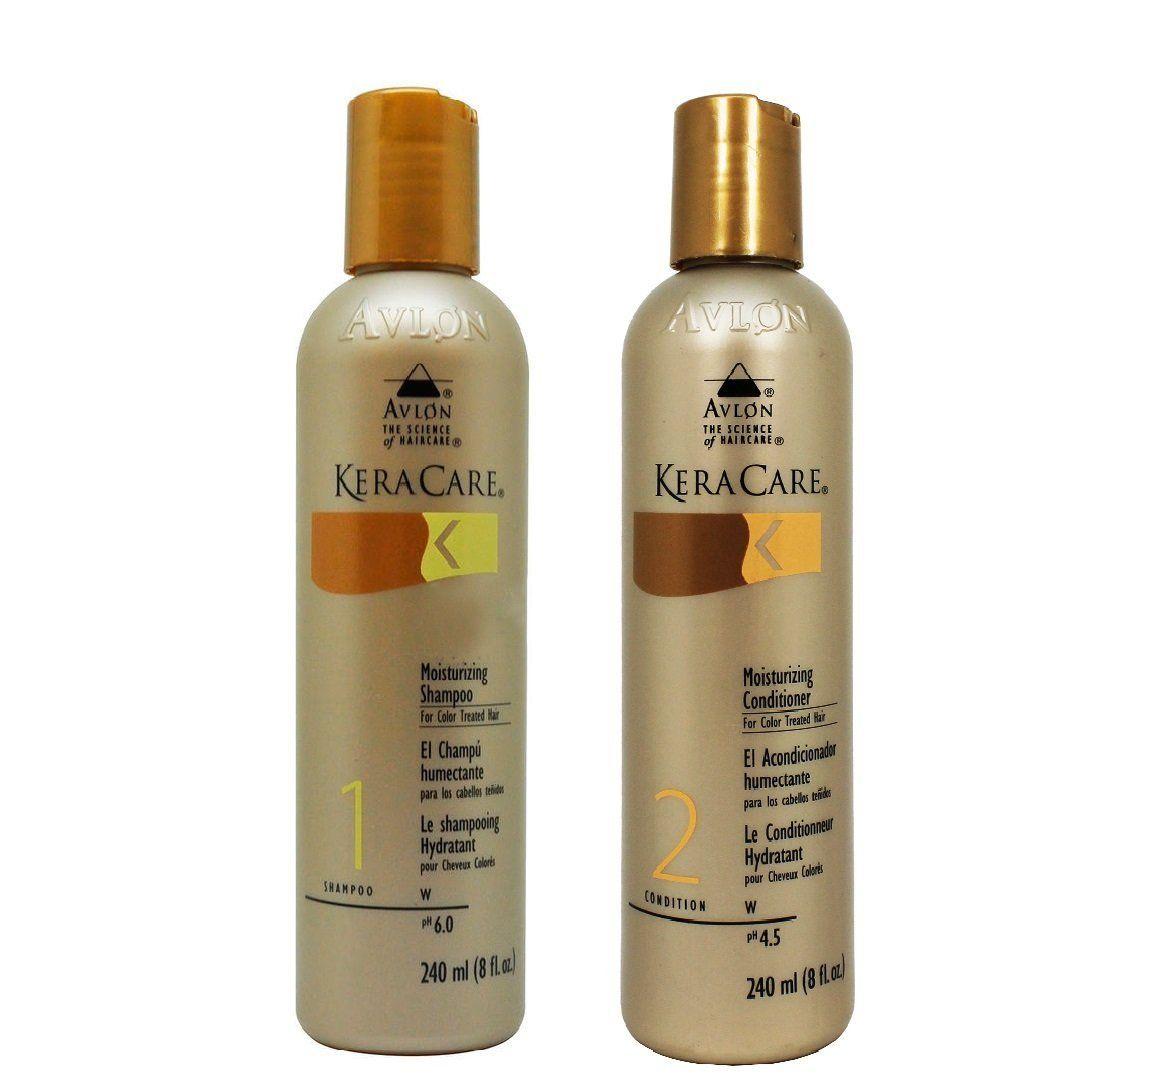 Keracare Moisturizing Shampoo For Color Treated Hair Best Hair